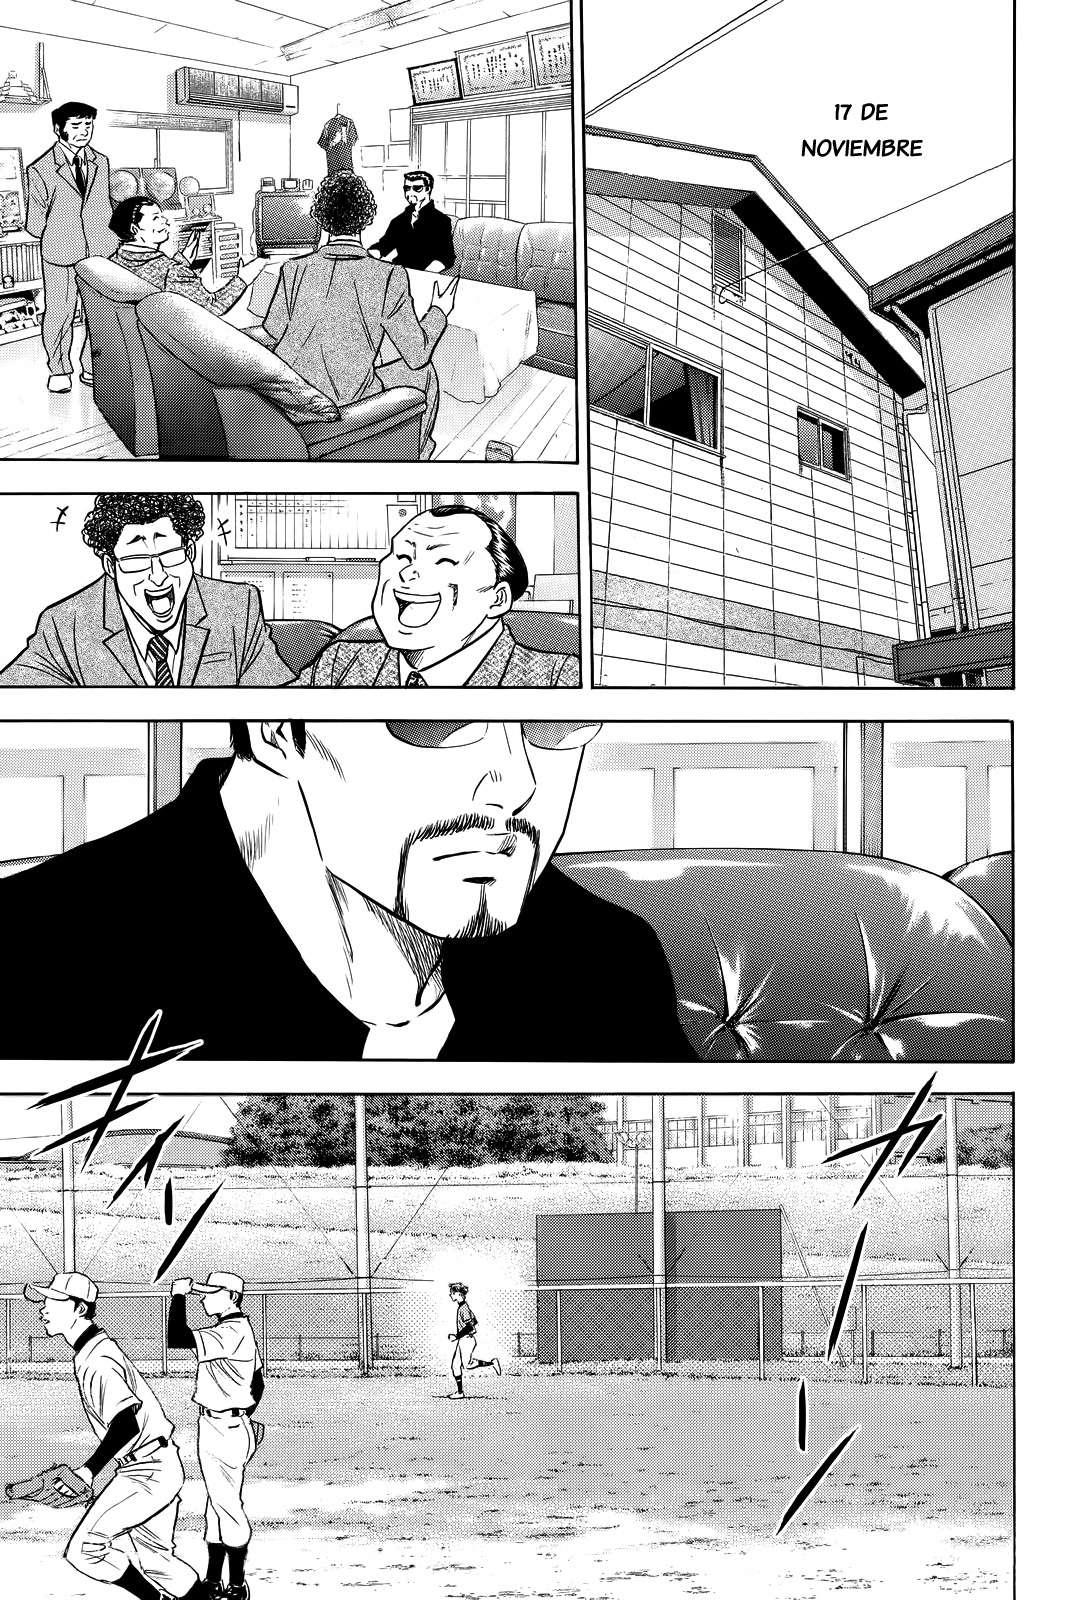 https://c5.ninemanga.com/es_manga/24/1752/430810/74fe3b72948e51b394795677eb10d419.jpg Page 11